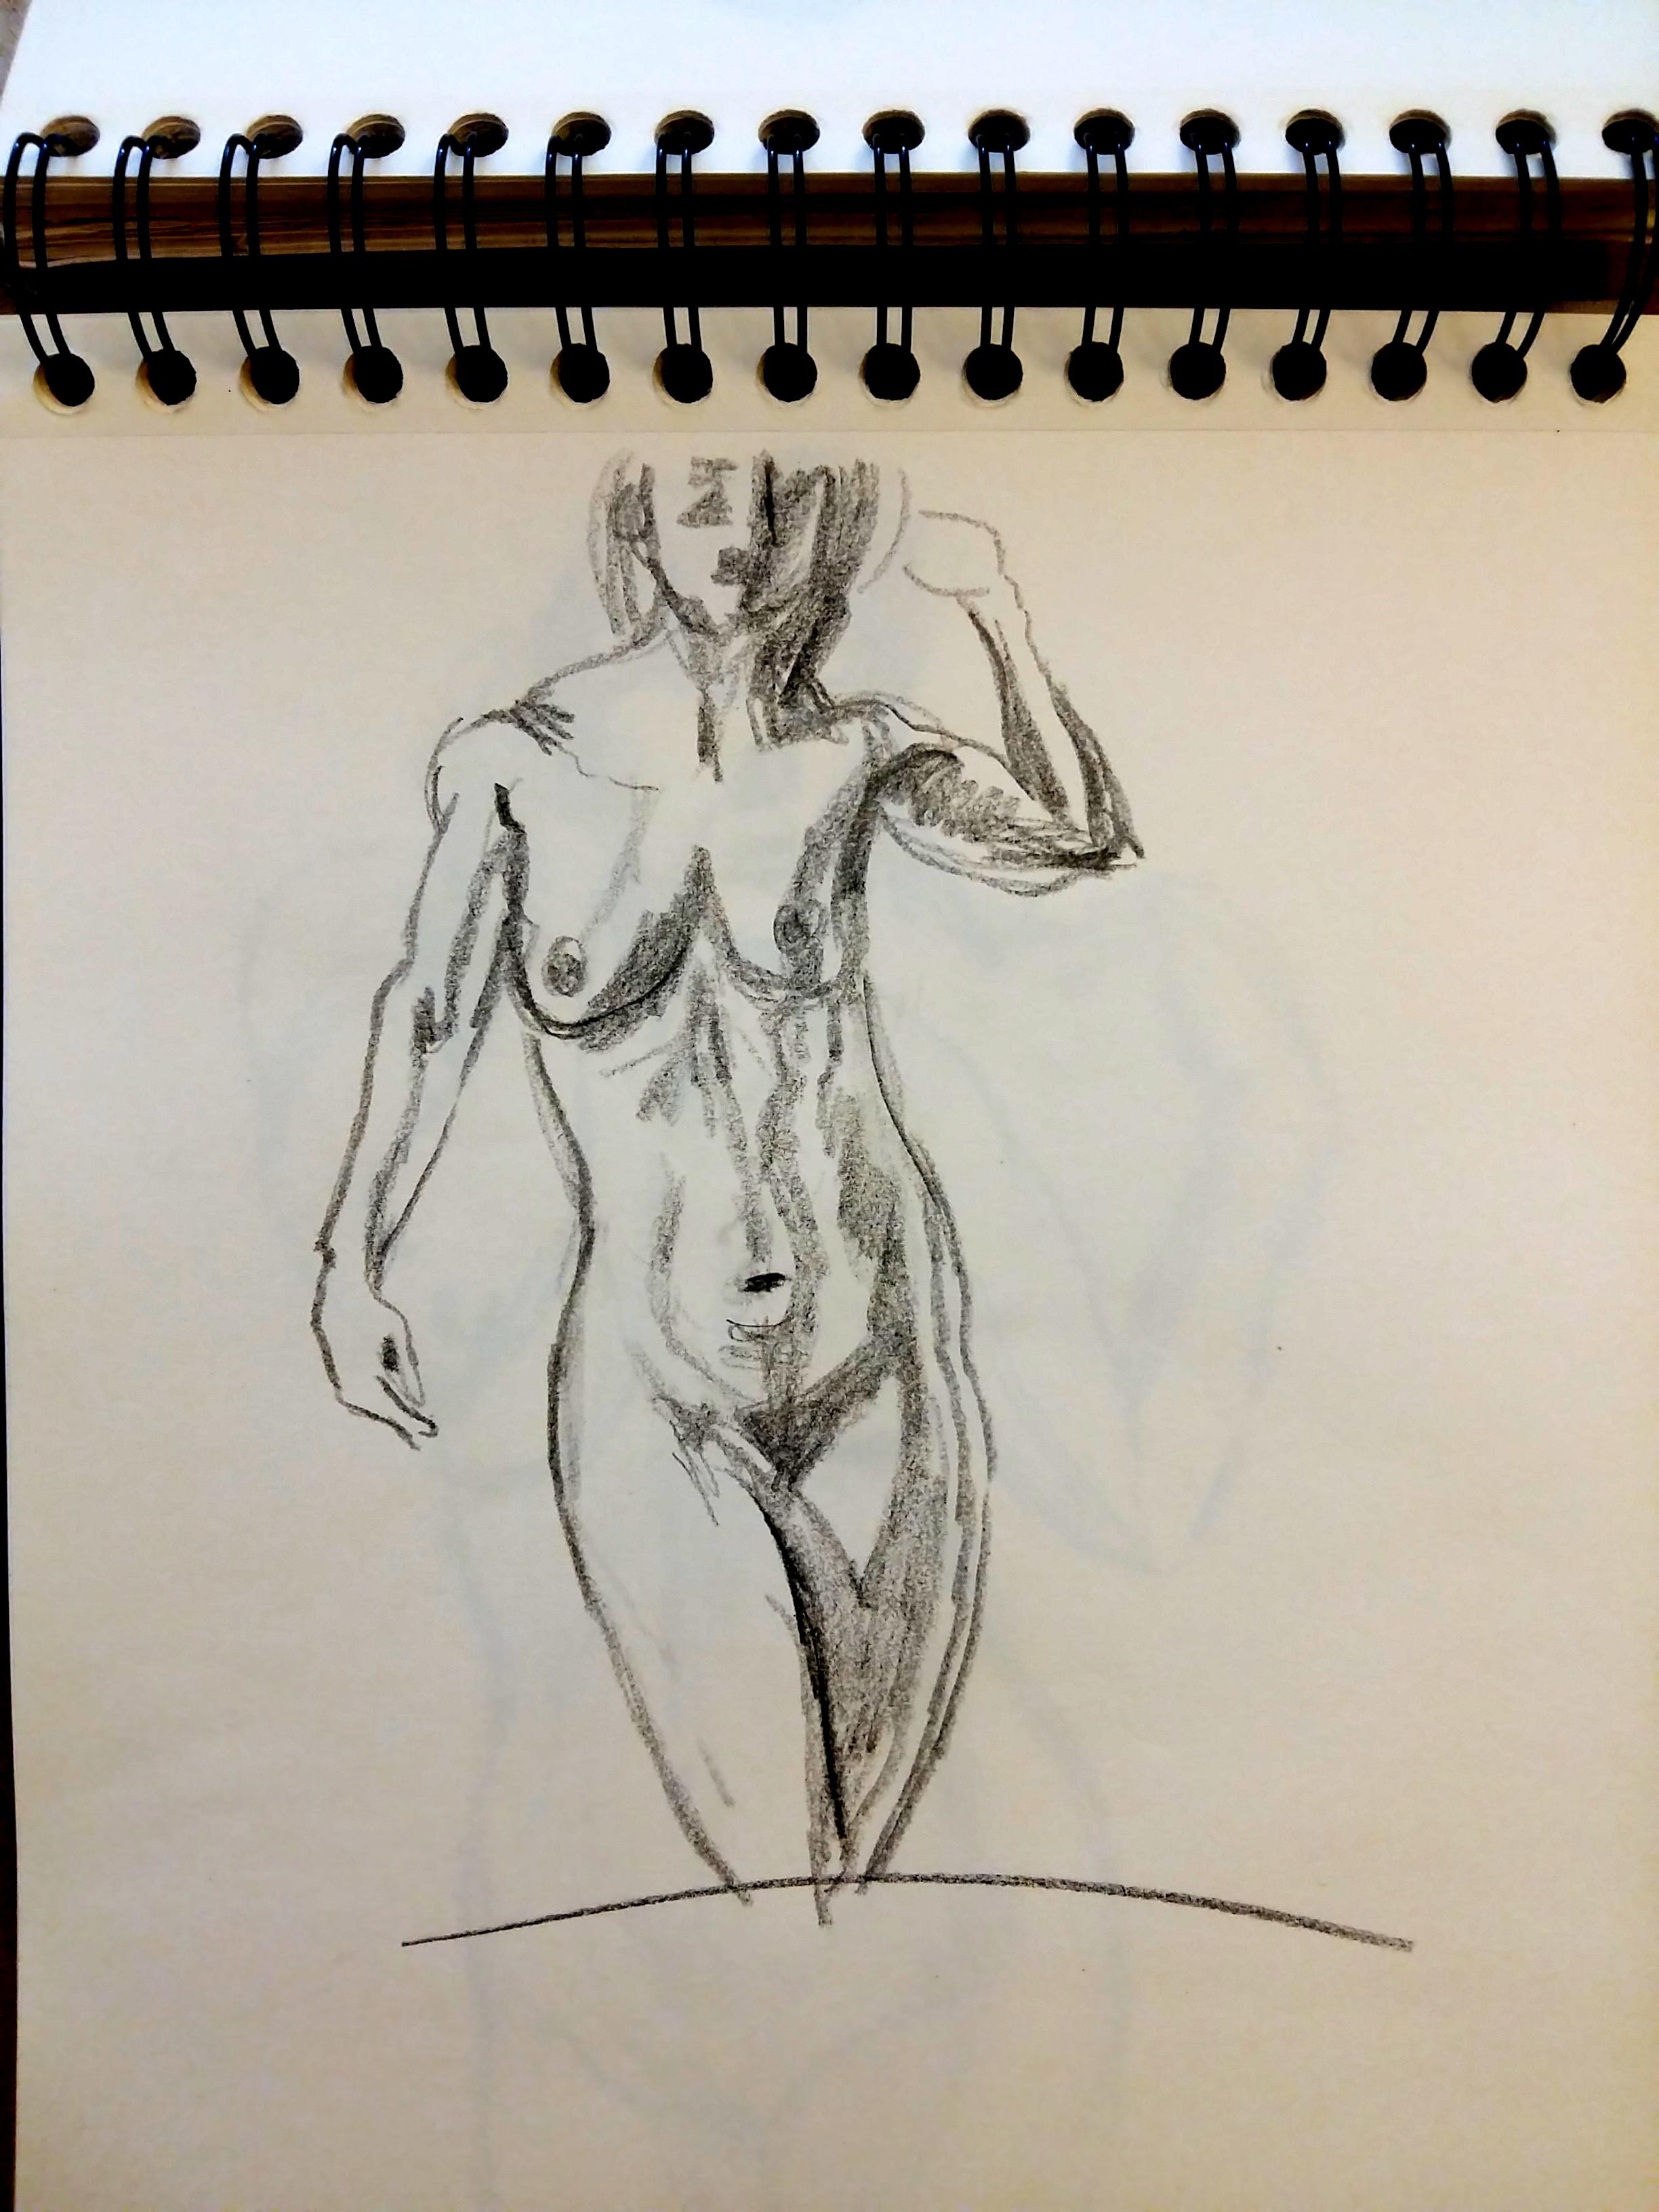 Esquisse rapide carnet de croquis buste femme face niveaux de gris  cours de dessin